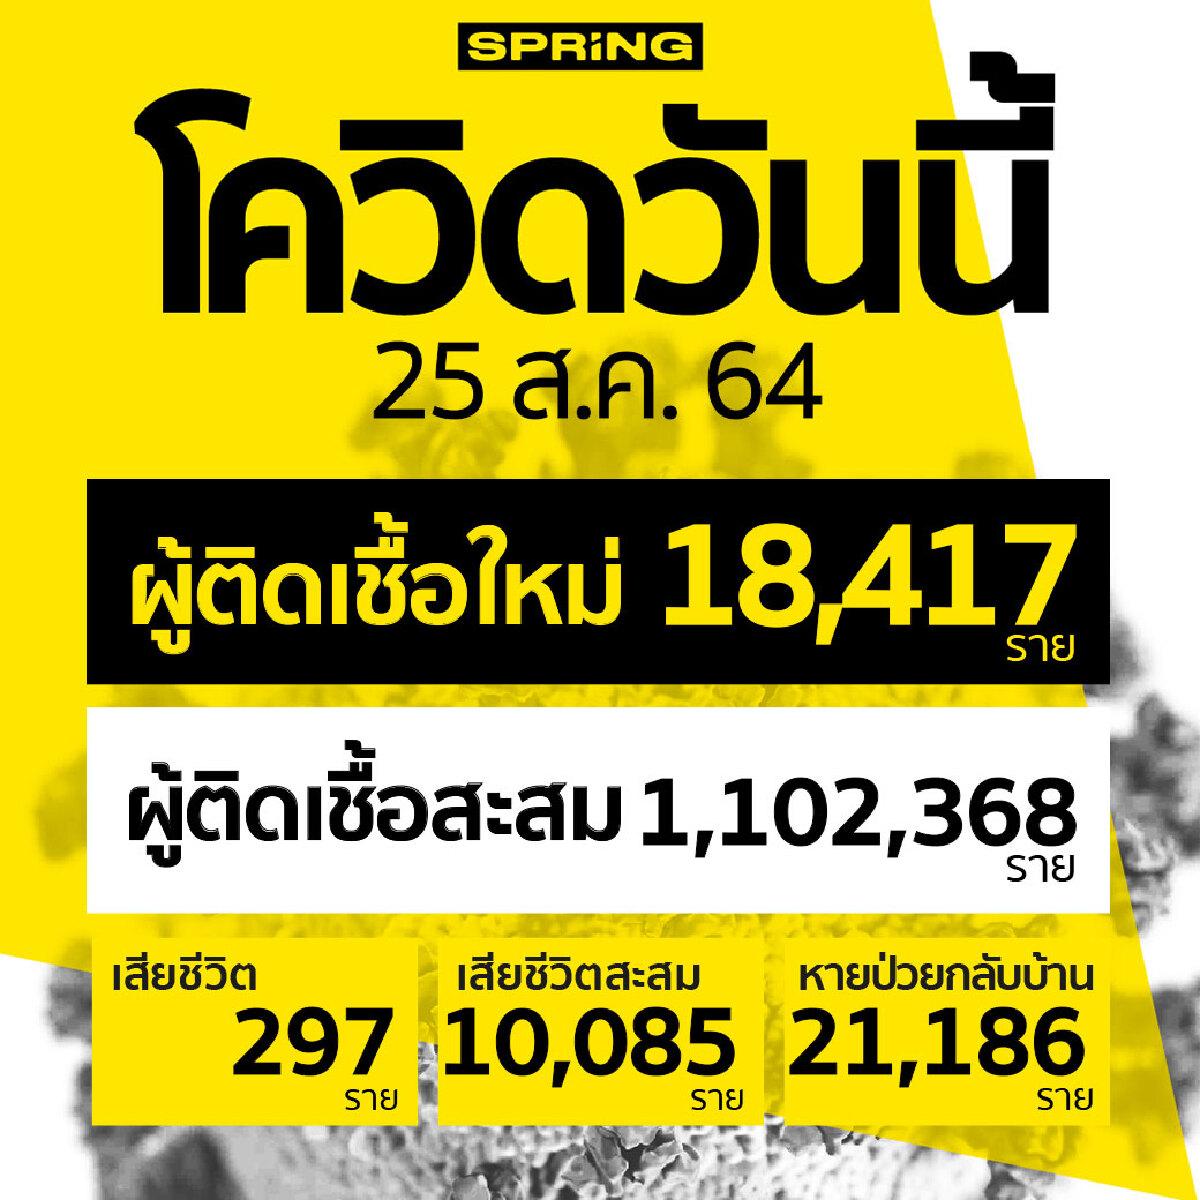 ดับรวมทะลุ 1 หมื่น! โควิดวันนี้ เสียชีวิตเพิ่ม 297 ราย ติดเชื้อเพิ่ม 18,417 ราย